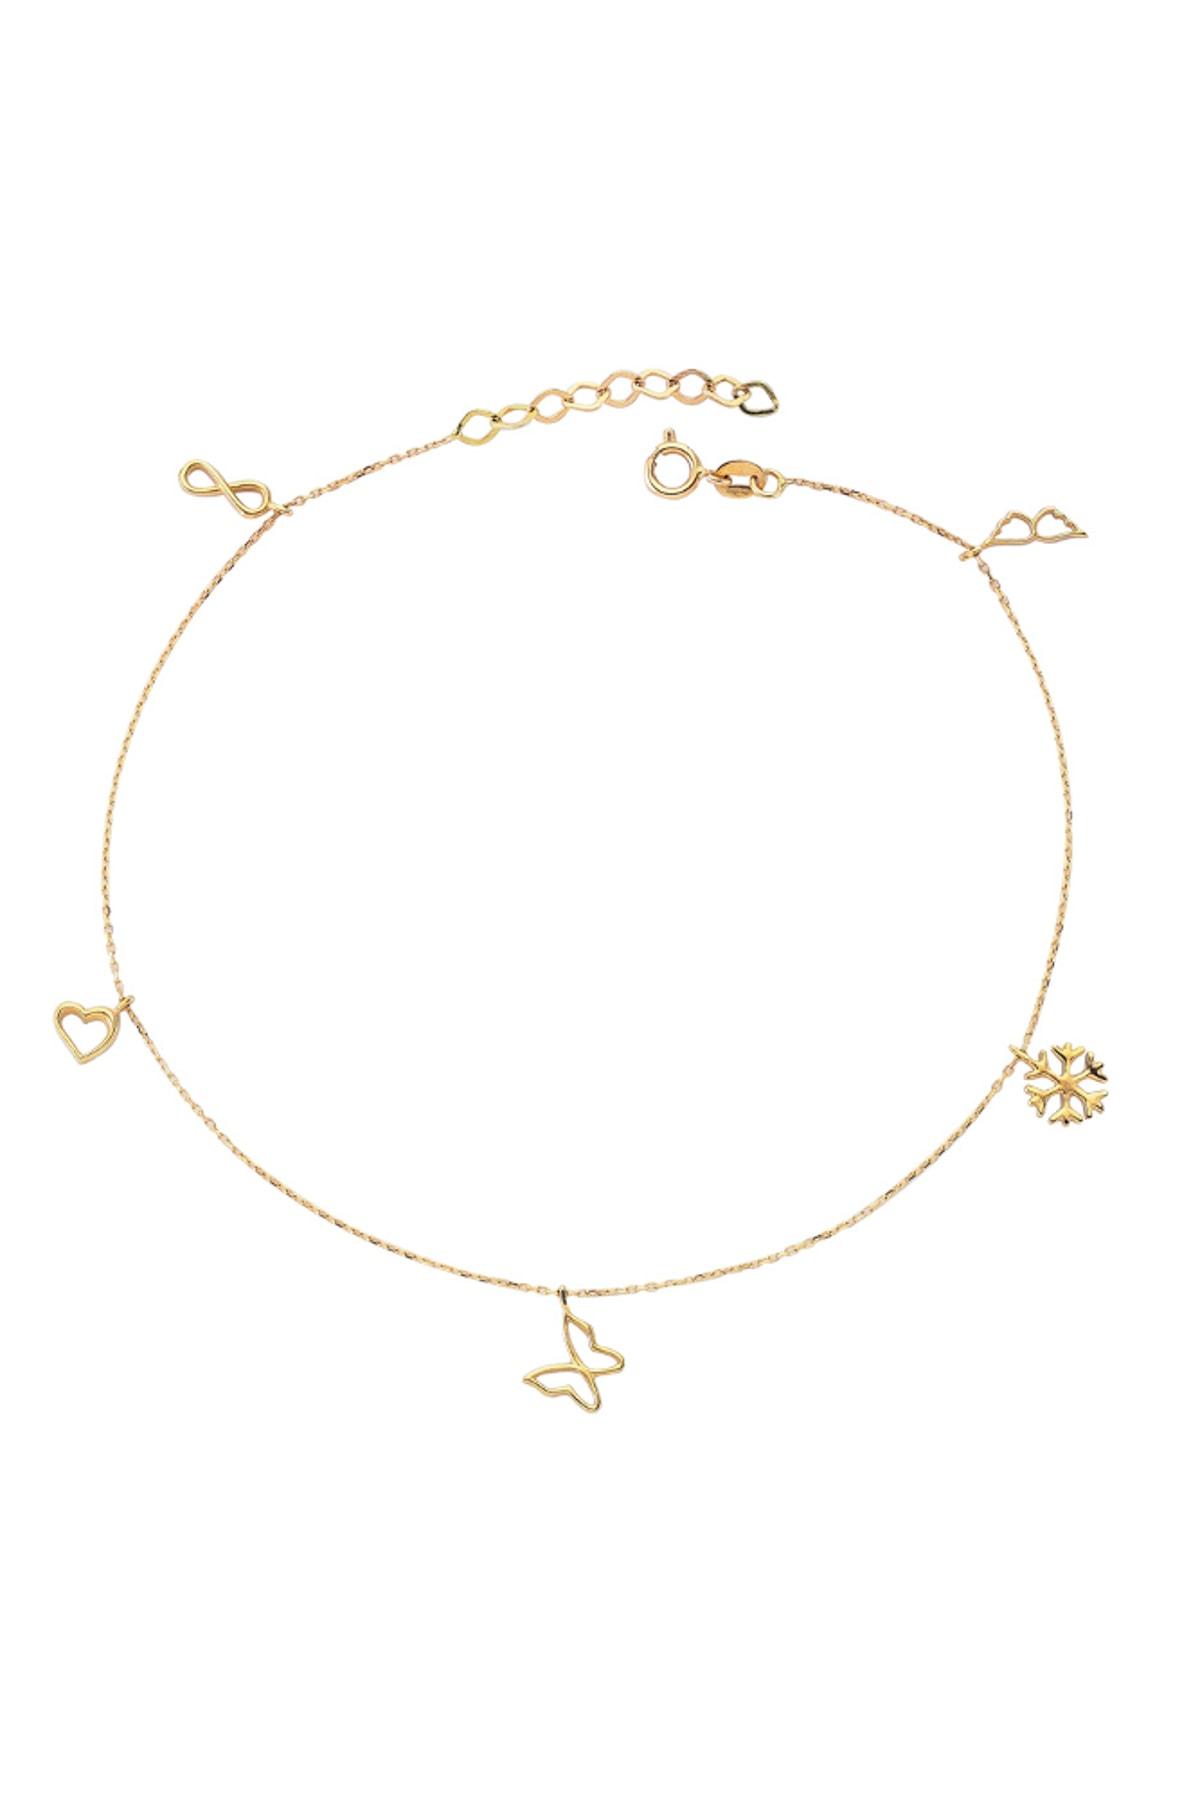 Glorria Kadın Altın Şans Sembollü Halhal CM0341 1